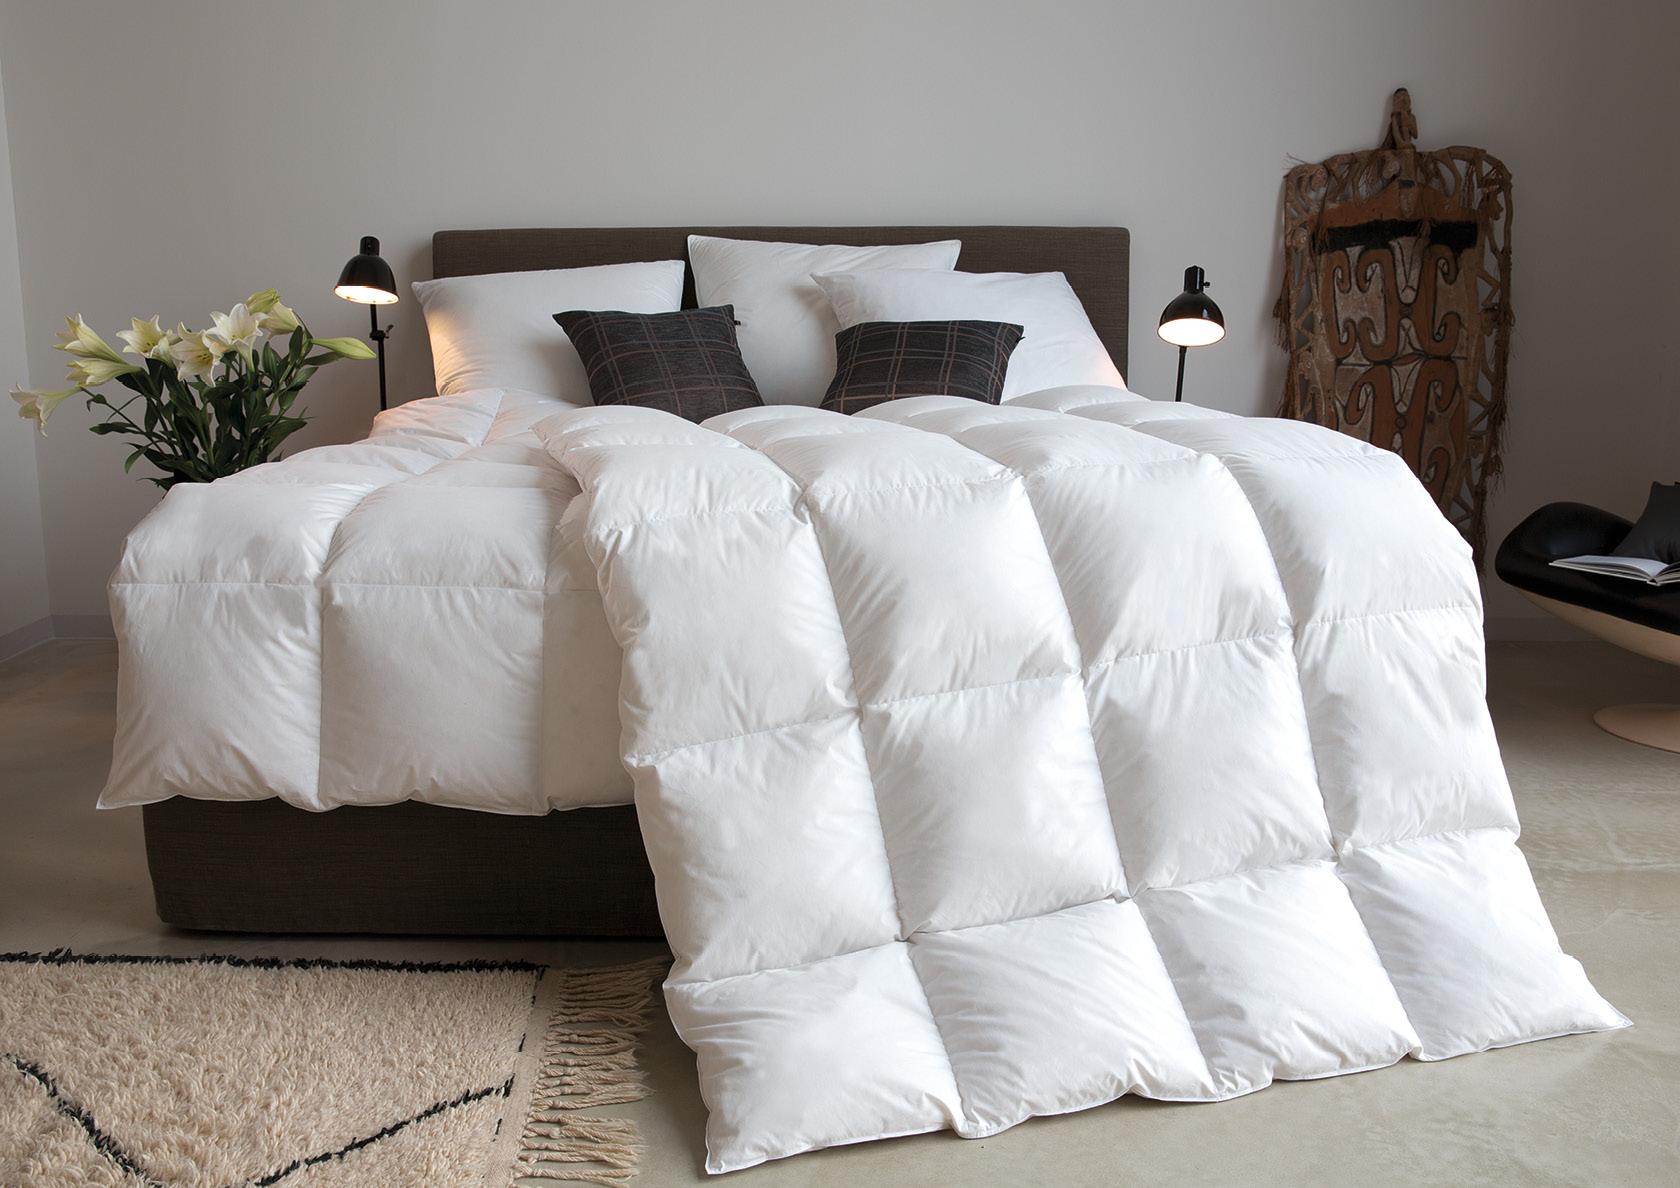 bettdecken 100 daunen kopfkissen weich bettw sche eule 135x200 schlafzimmer lampe englisch kein. Black Bedroom Furniture Sets. Home Design Ideas